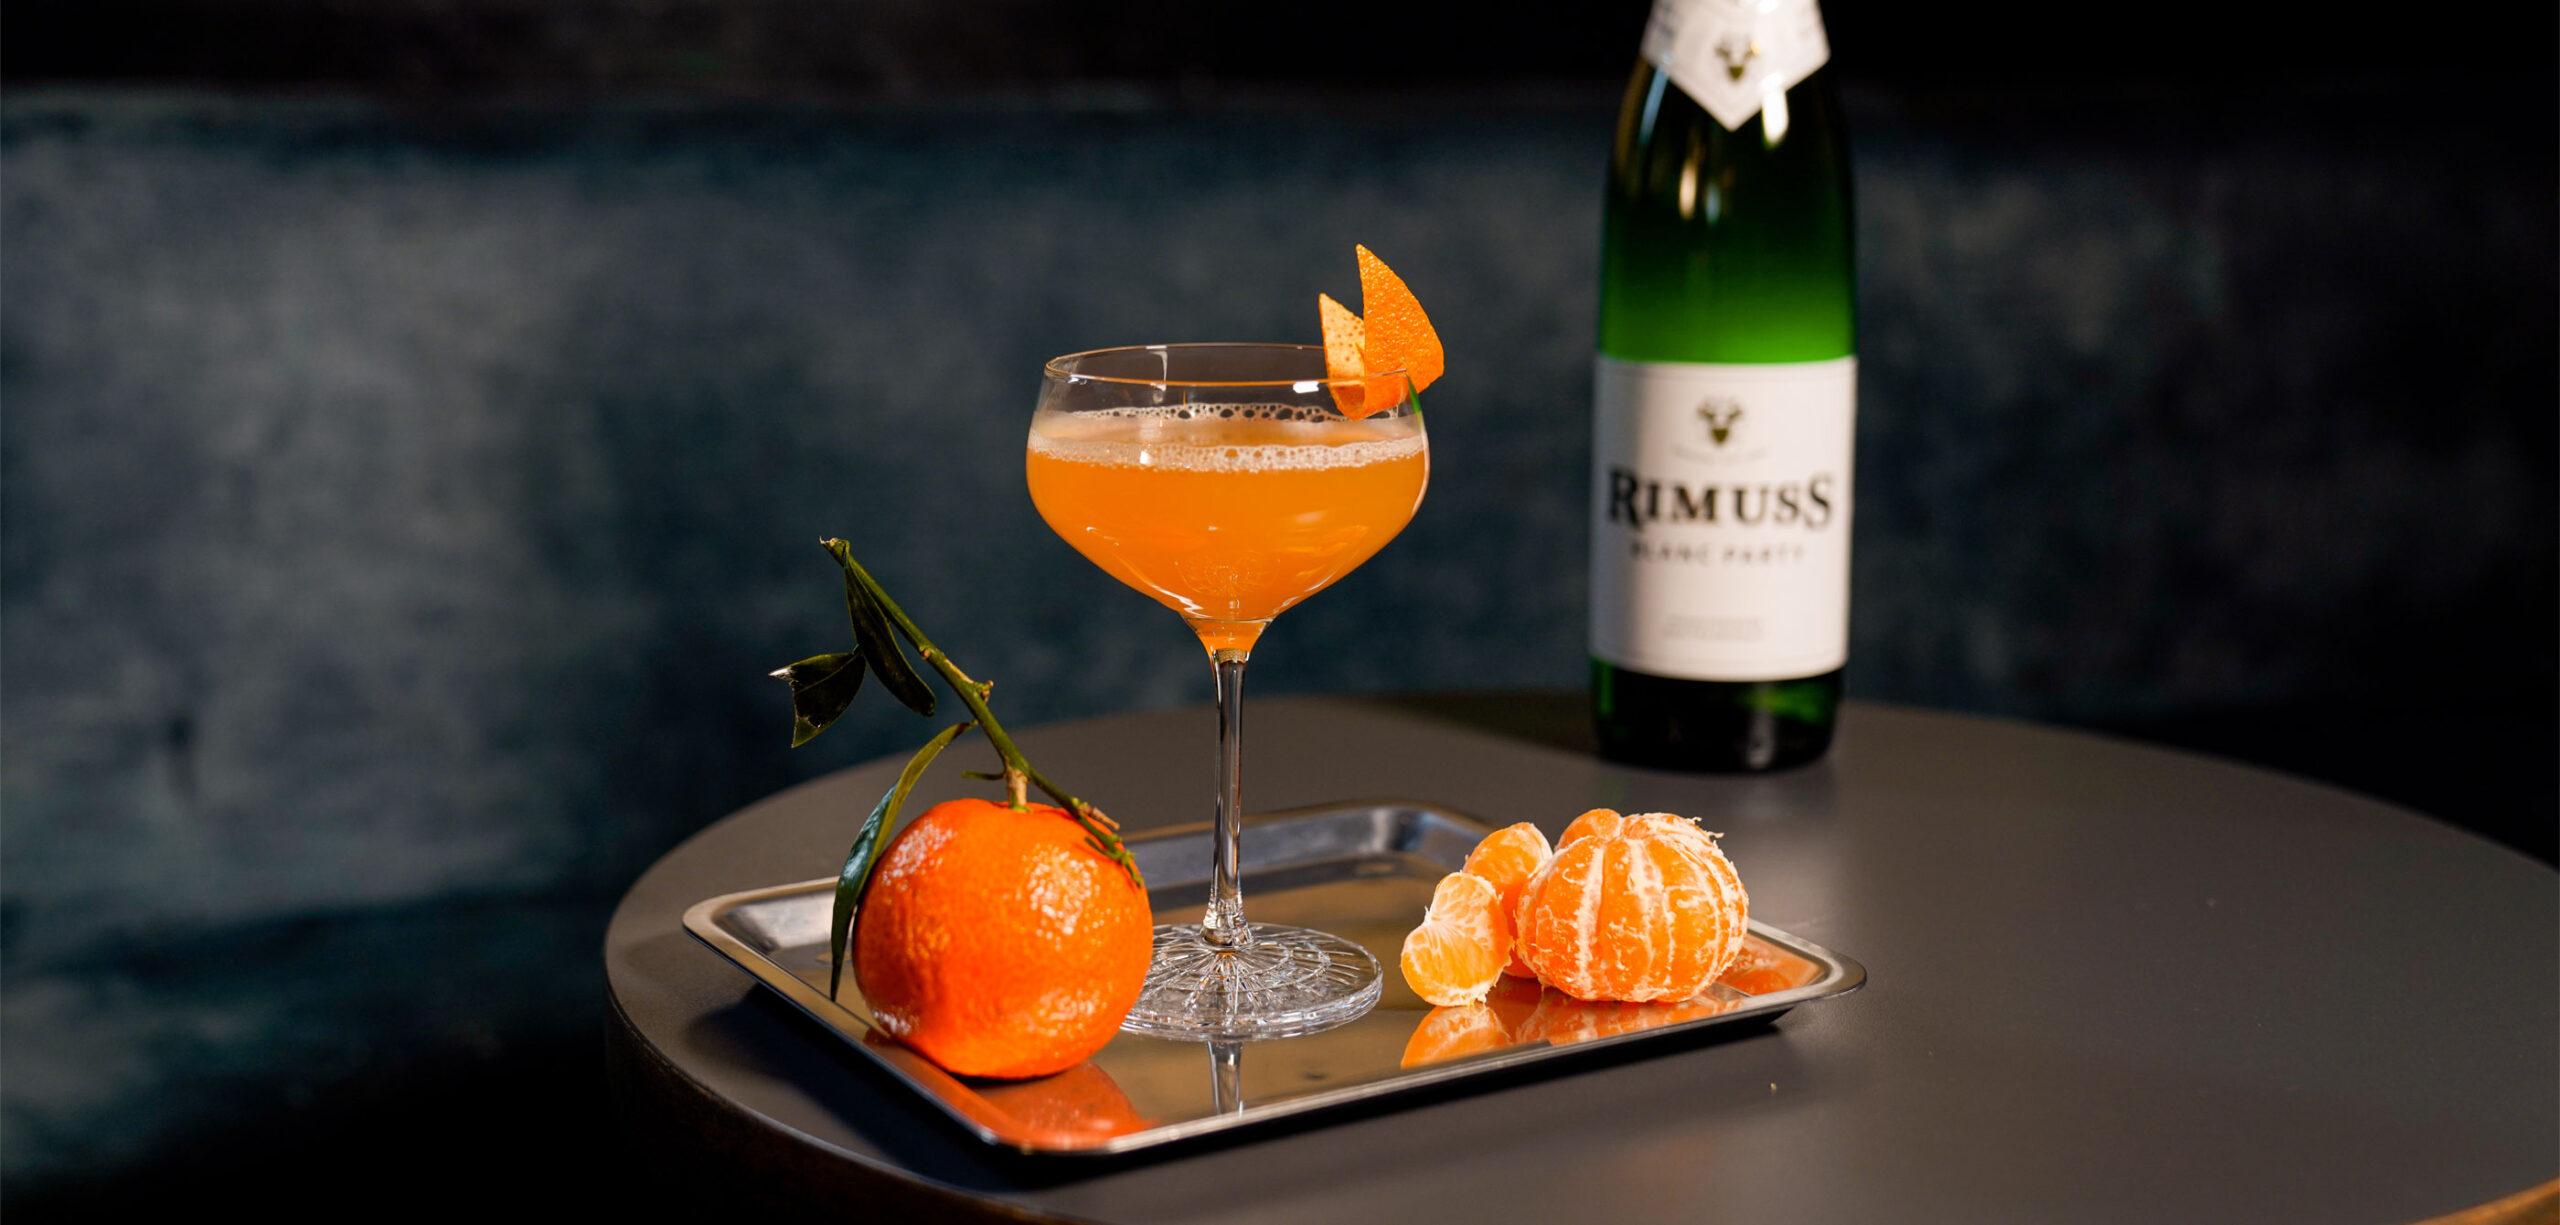 Der coole Mocktail mit Rimuss Party auf einem kleinen Bartisch mit Mandarinen